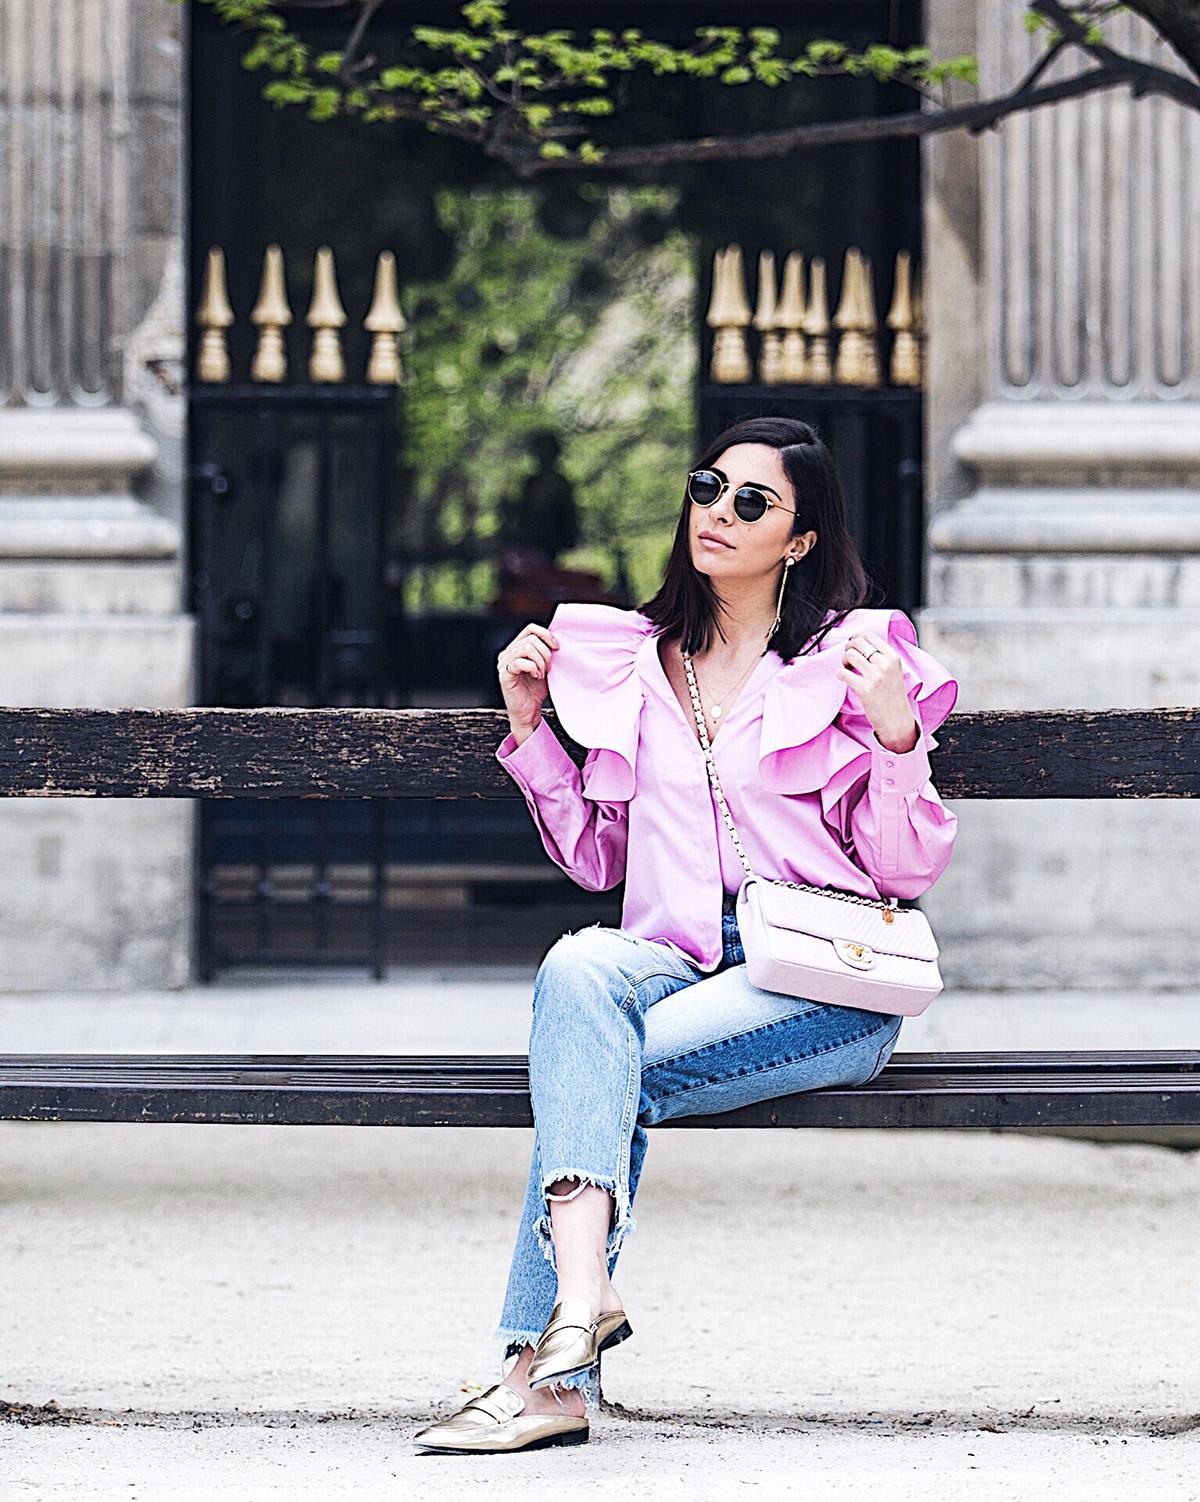 Stella Asteria wearing pink ruffle blouse